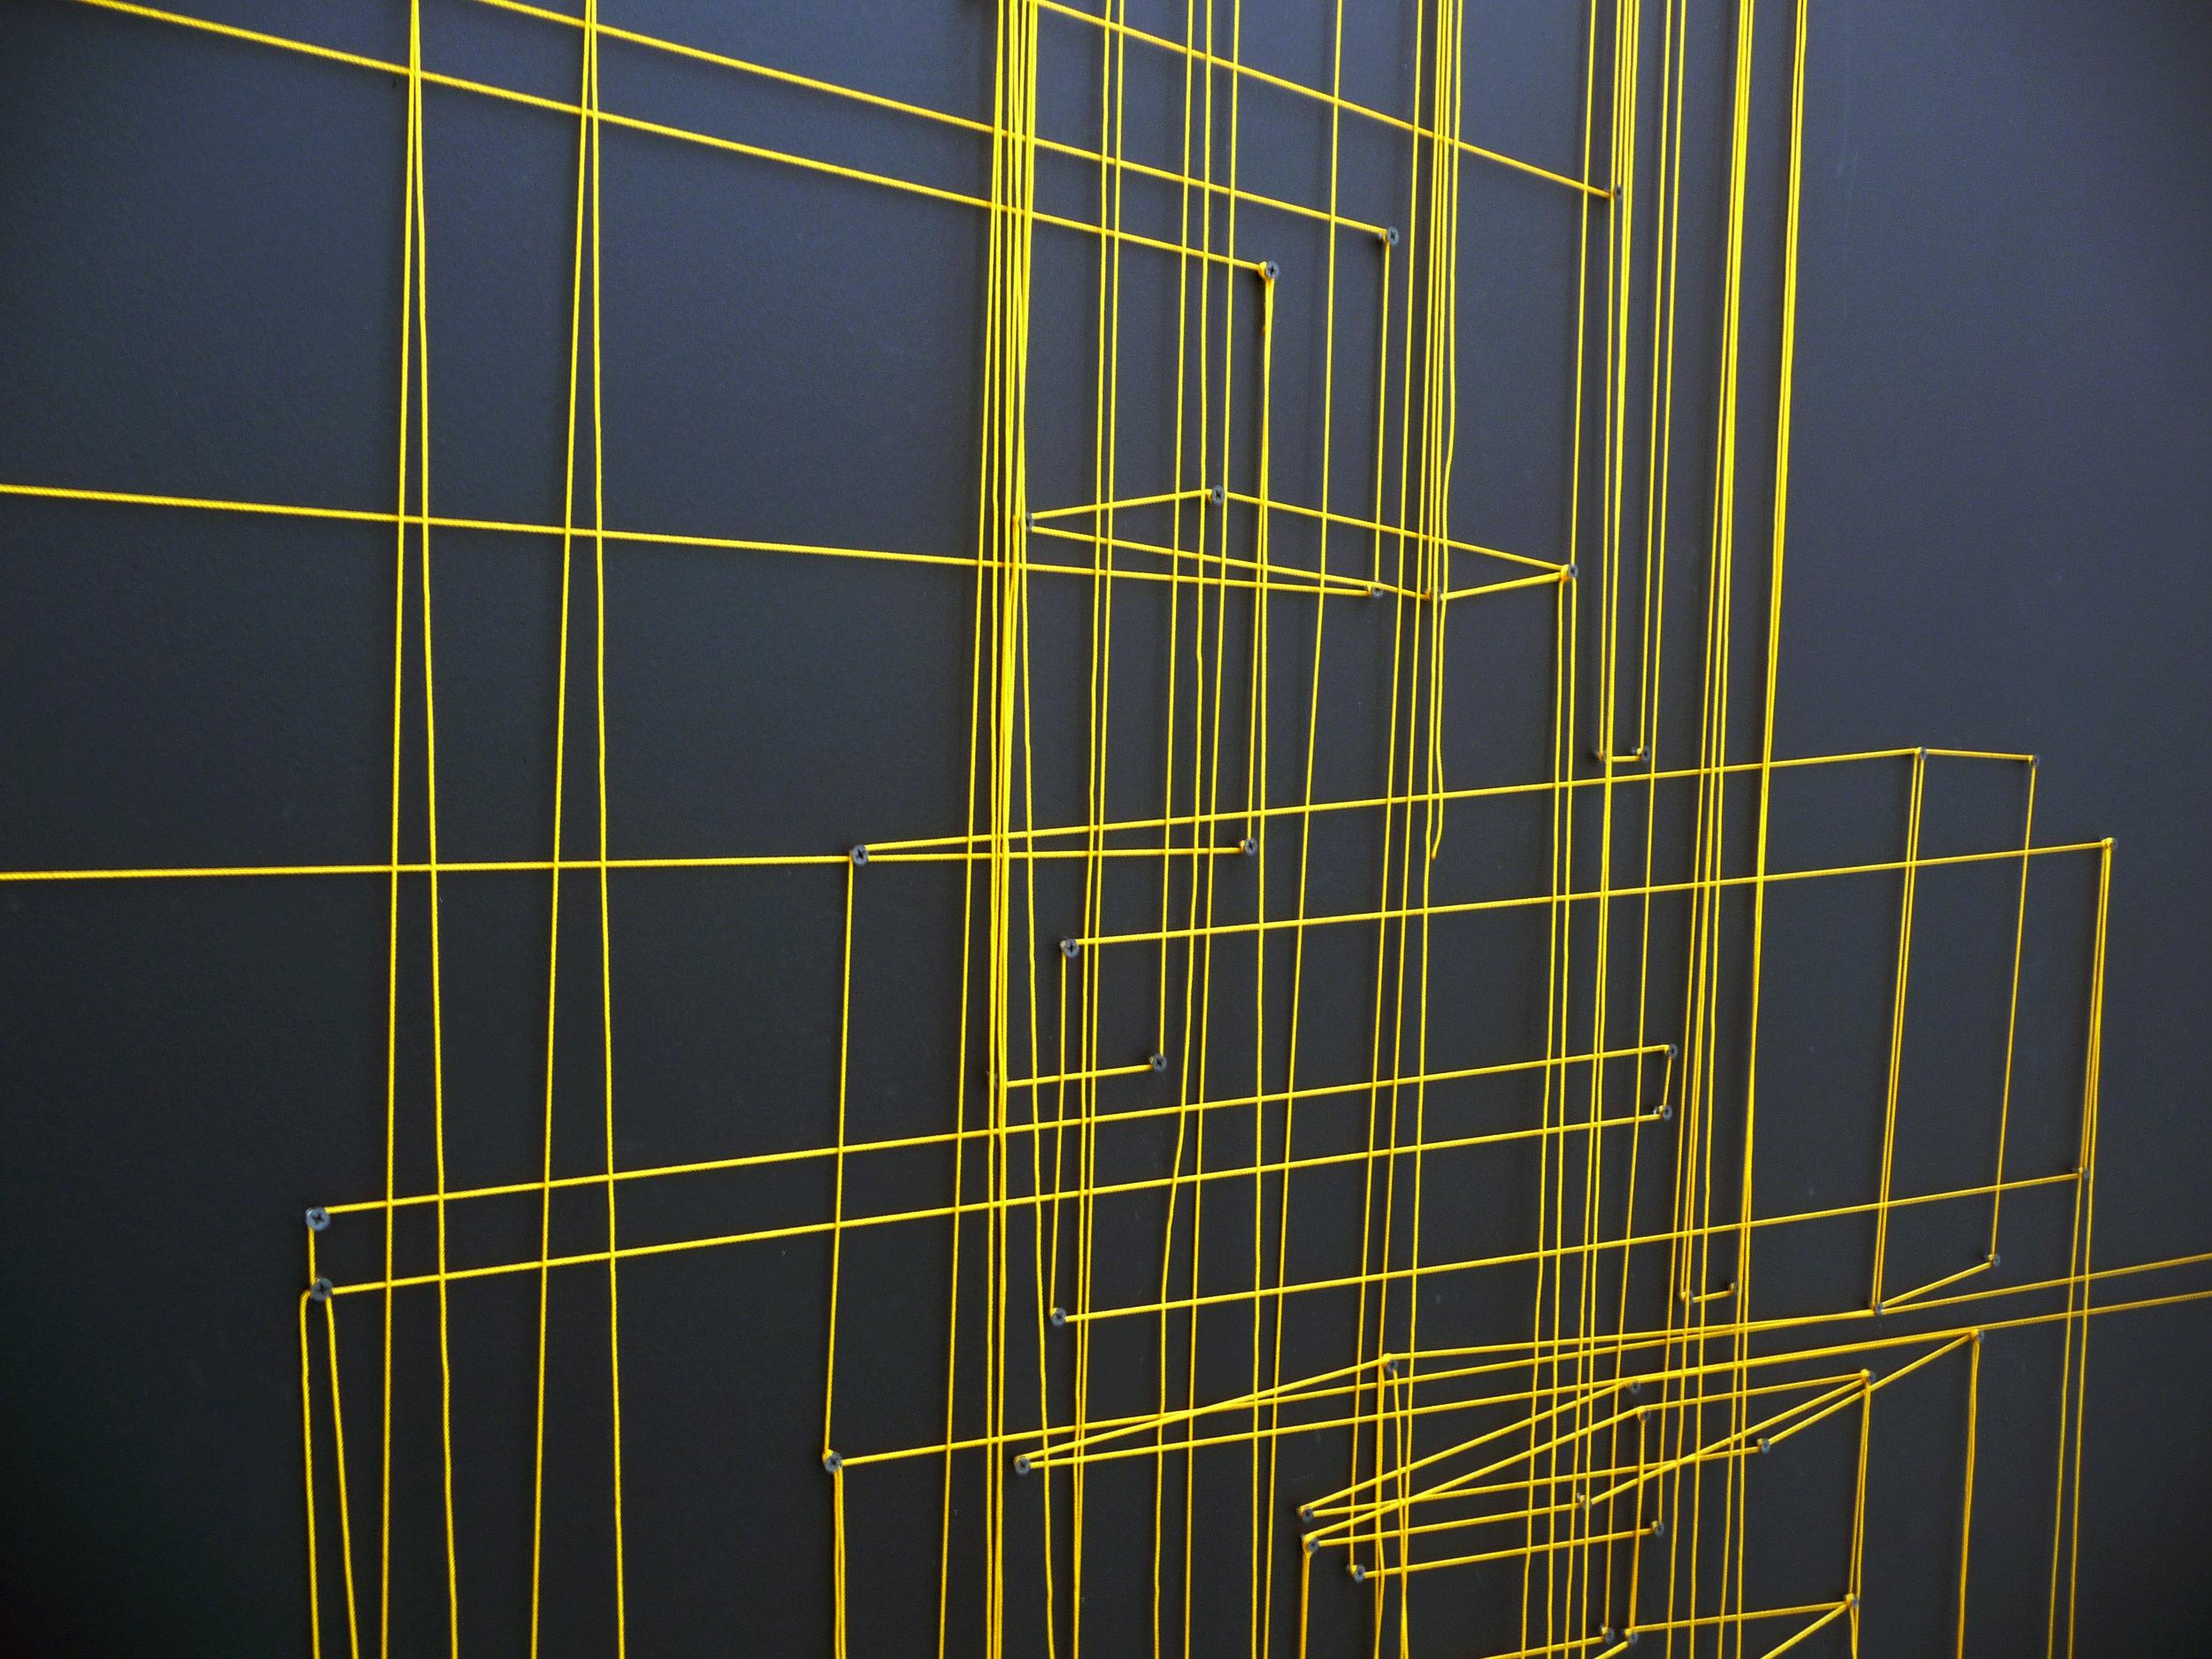 036_Q+O_Through the Structure.JPG